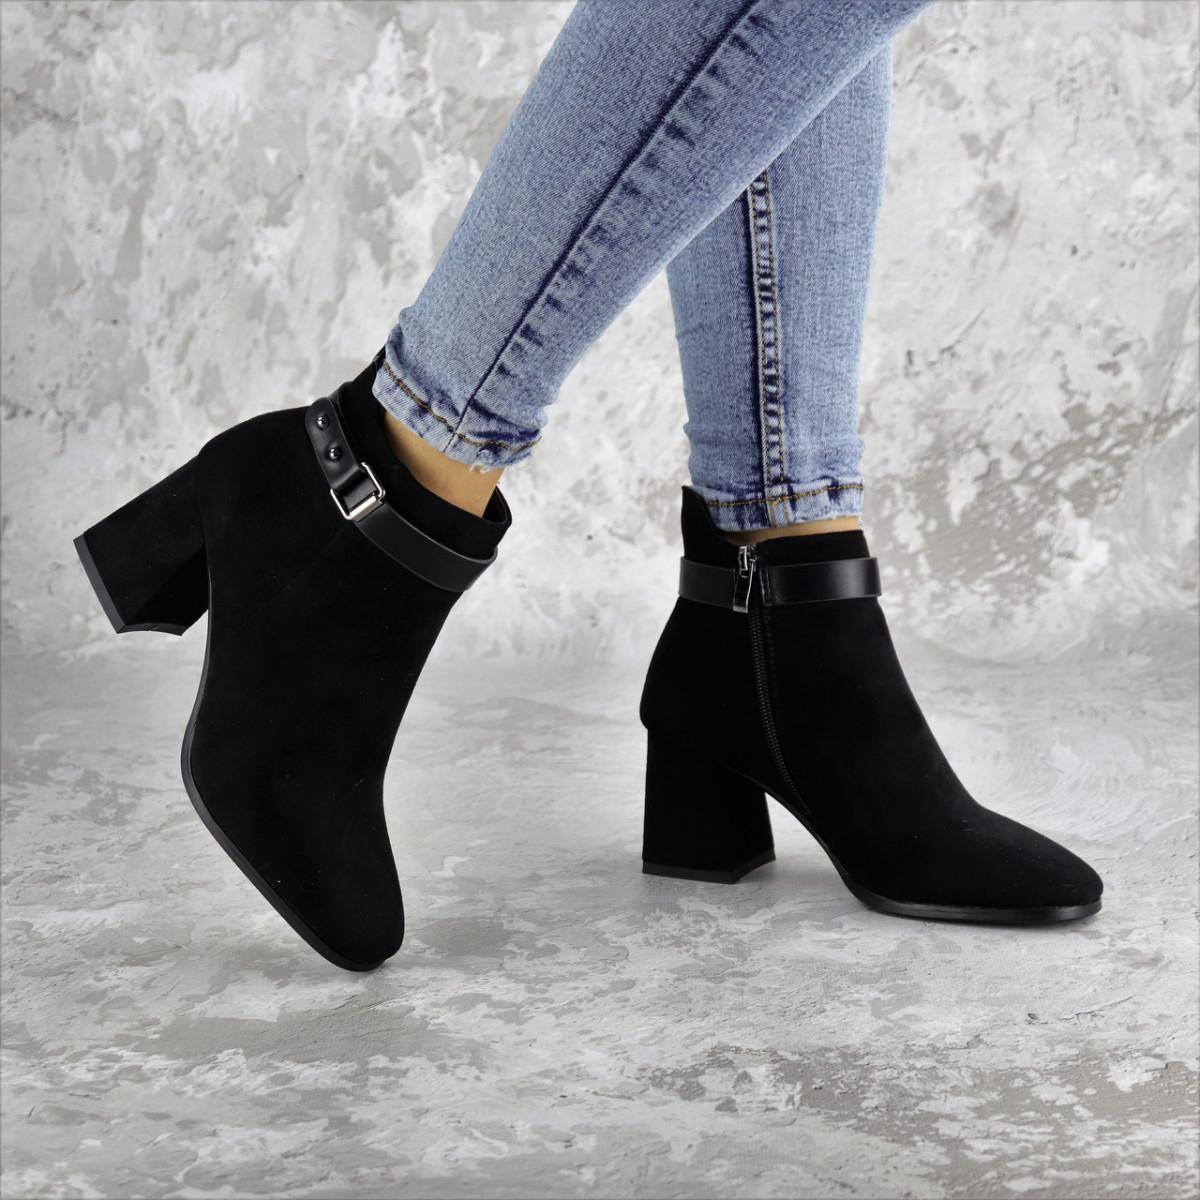 Ботильйони жіночі Fashion Macy 2321 36 розмір, 23,5 см Чорний 37